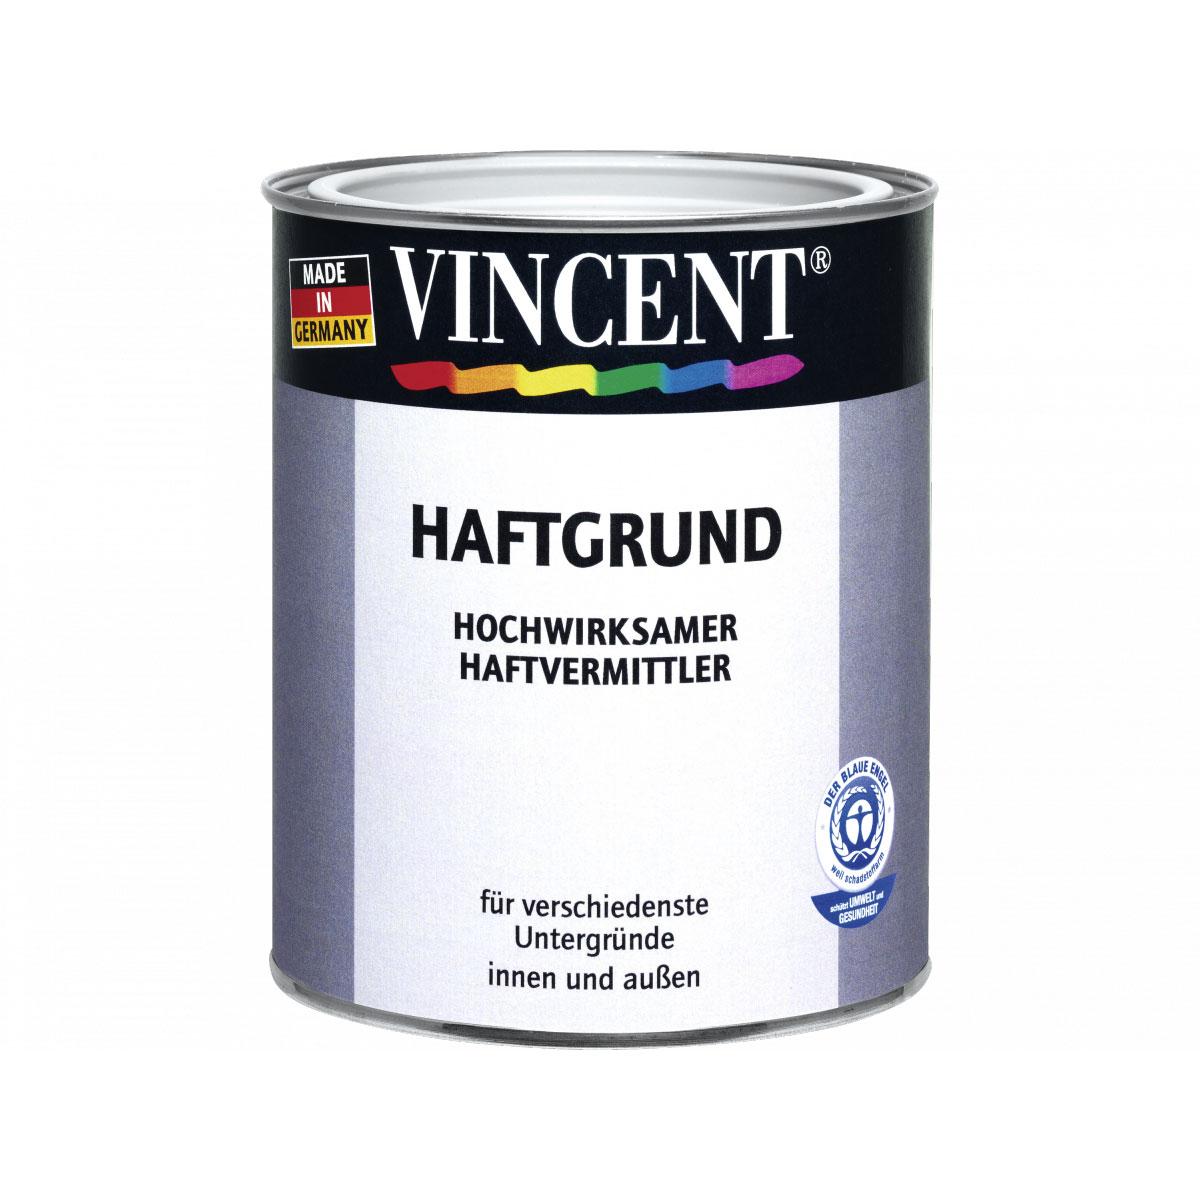 Vincent Haftgrund